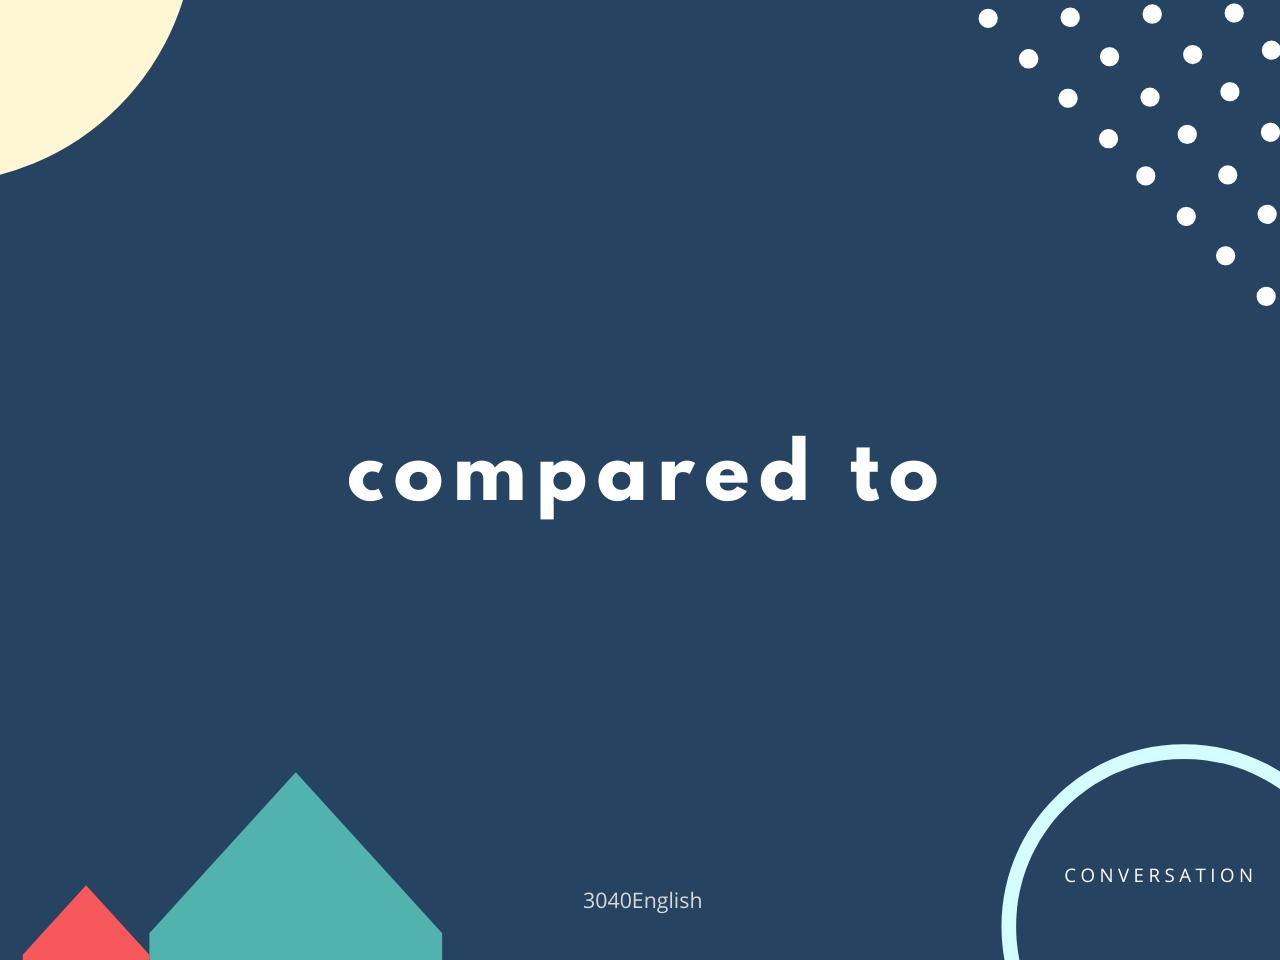 英会話でよく使う compared to ... の意味と簡単な使い方【例文あり】